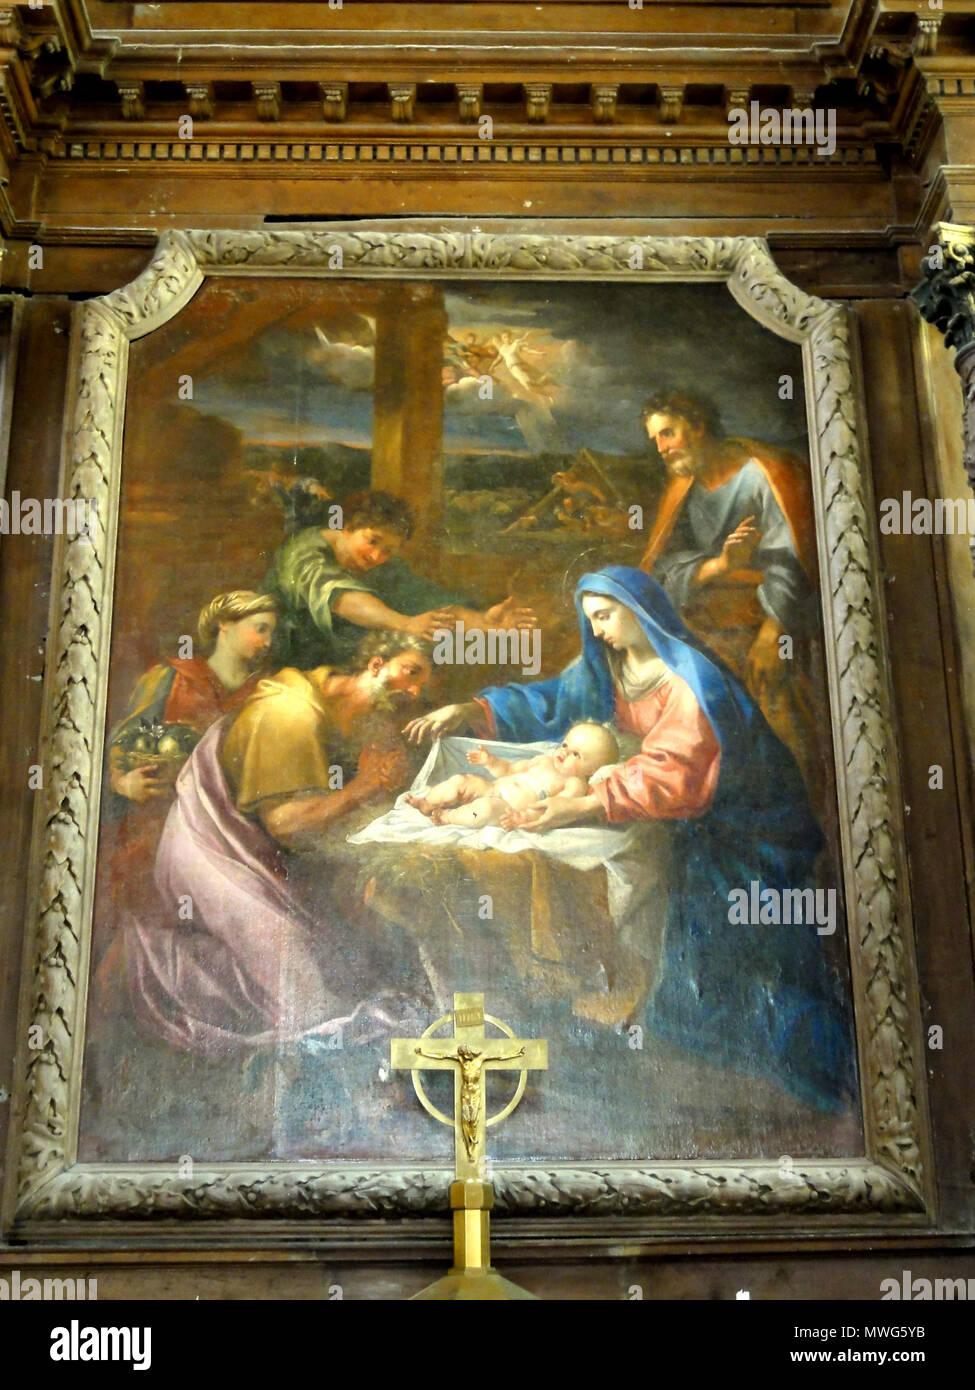 361 Le Bellay-en-Vexin (95), église Sainte-Marie-Madeleine, maître-autel, tableau de retable - Adoration des bergers Stock Photo